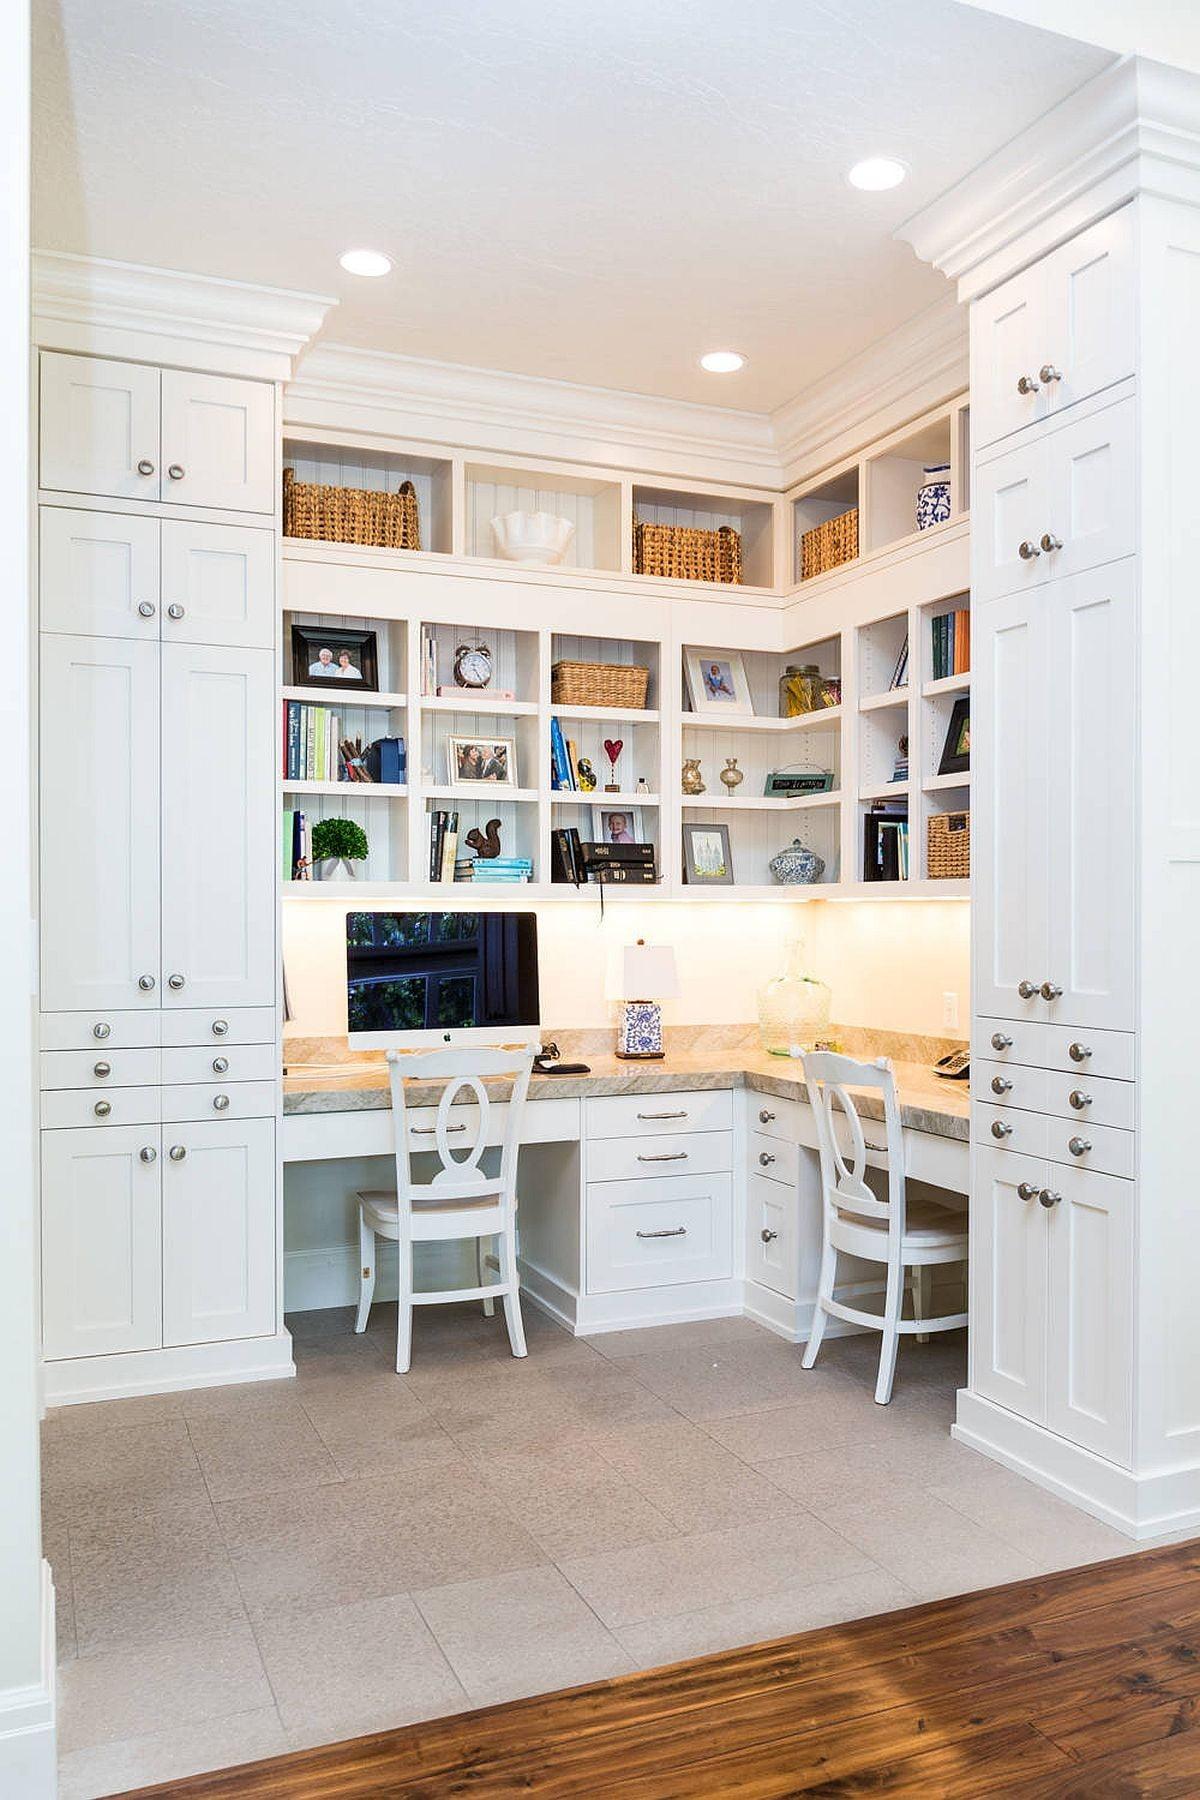 ایده های دکوراسیون چوبی برای دفتر کار خانگی کوچک برای دو نفر !